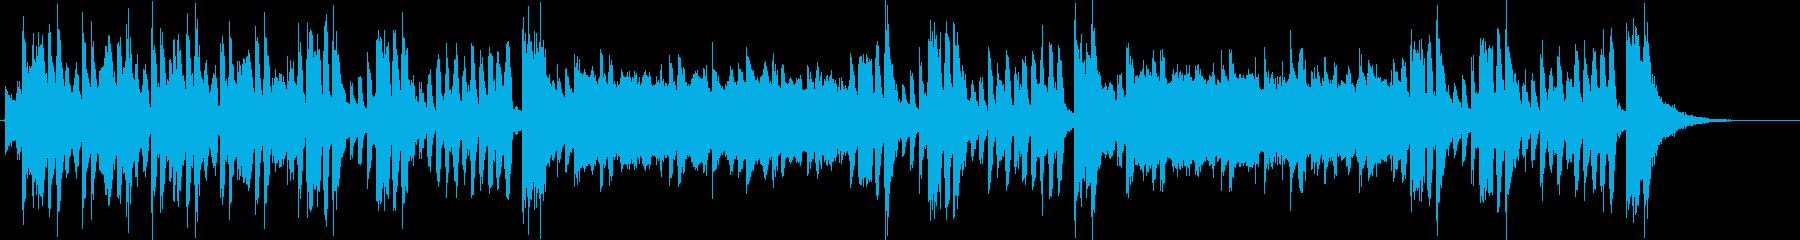 闘牛士の歌 ポップアレンジ曲の再生済みの波形